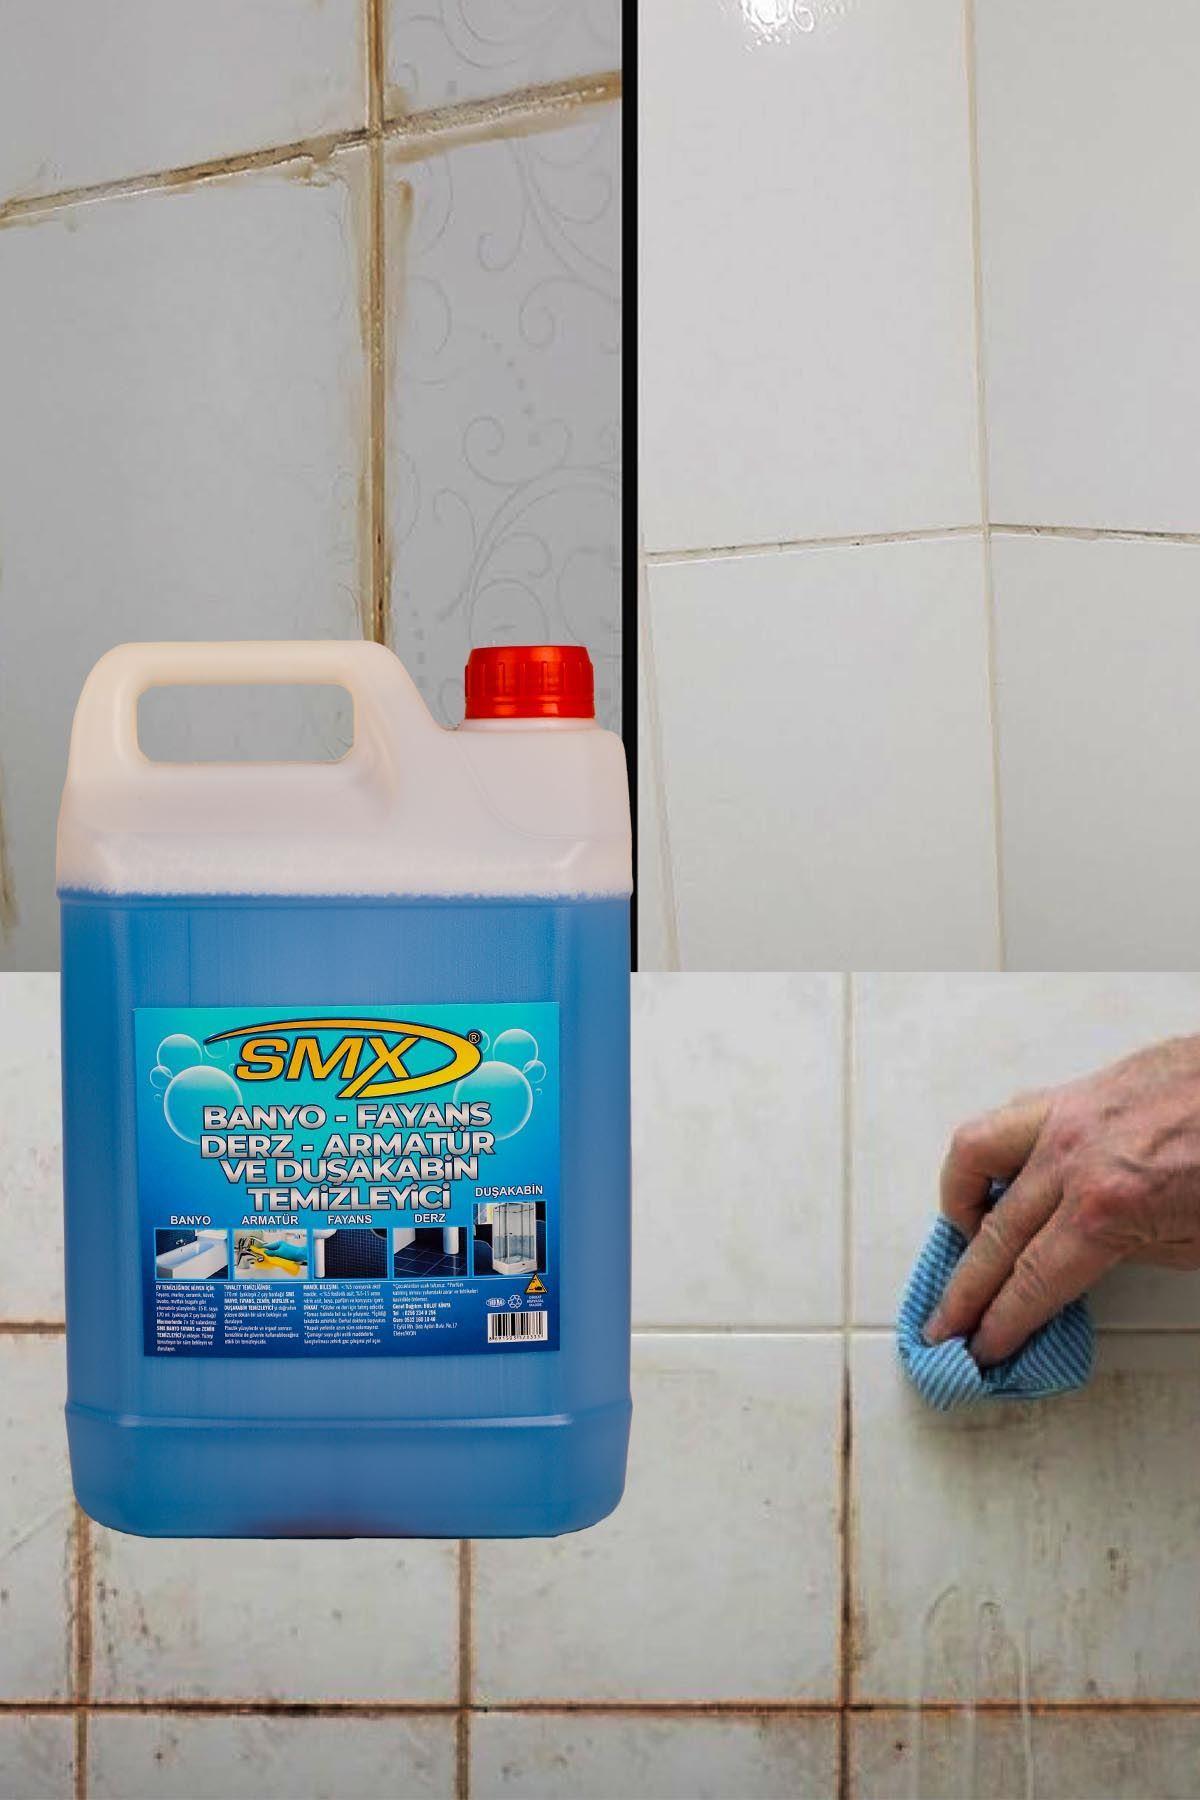 SMX Banyo Fayans Derz Temizleyici (5 LT) / SMX GENEL AMAÇLI TEMİZLİK ÜRÜNÜ (5 LT)